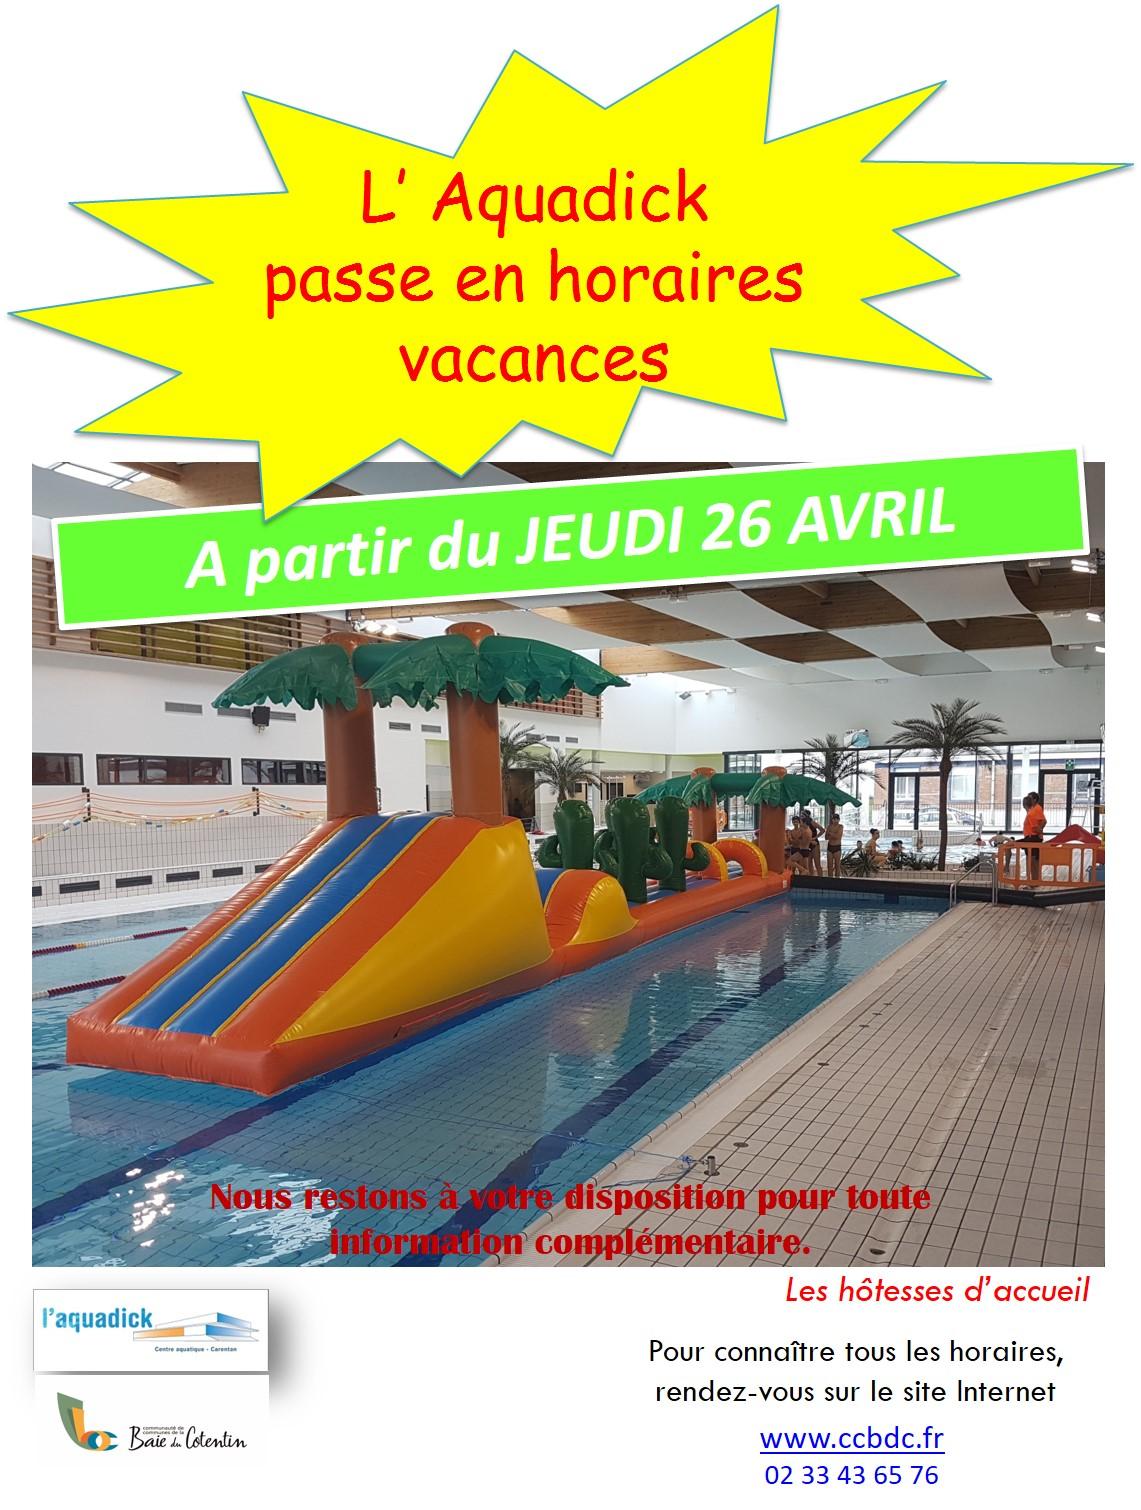 Passage horaires vacances - AVRIL 2018